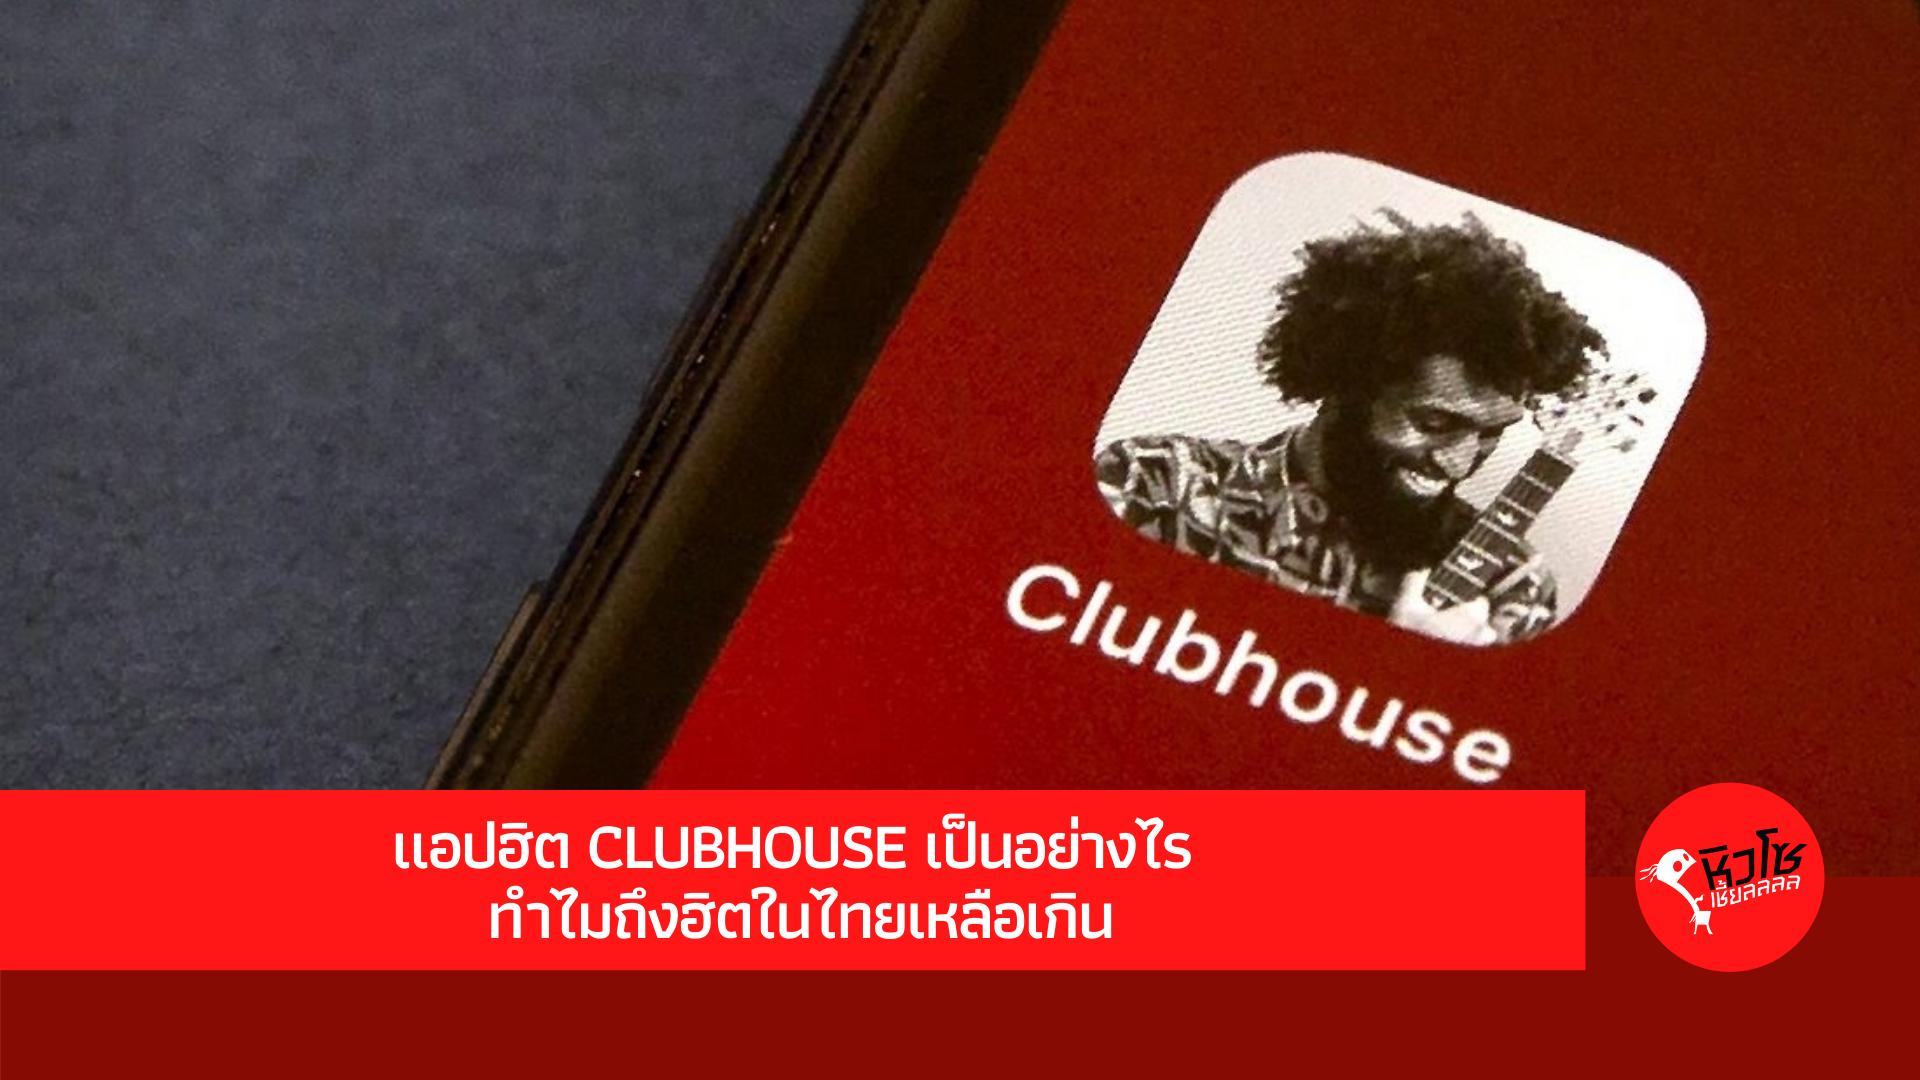 แอปฮิต Clubhouse เป็นอย่างไร ทำไมถึงฮิตในไทยเหลือเกิน